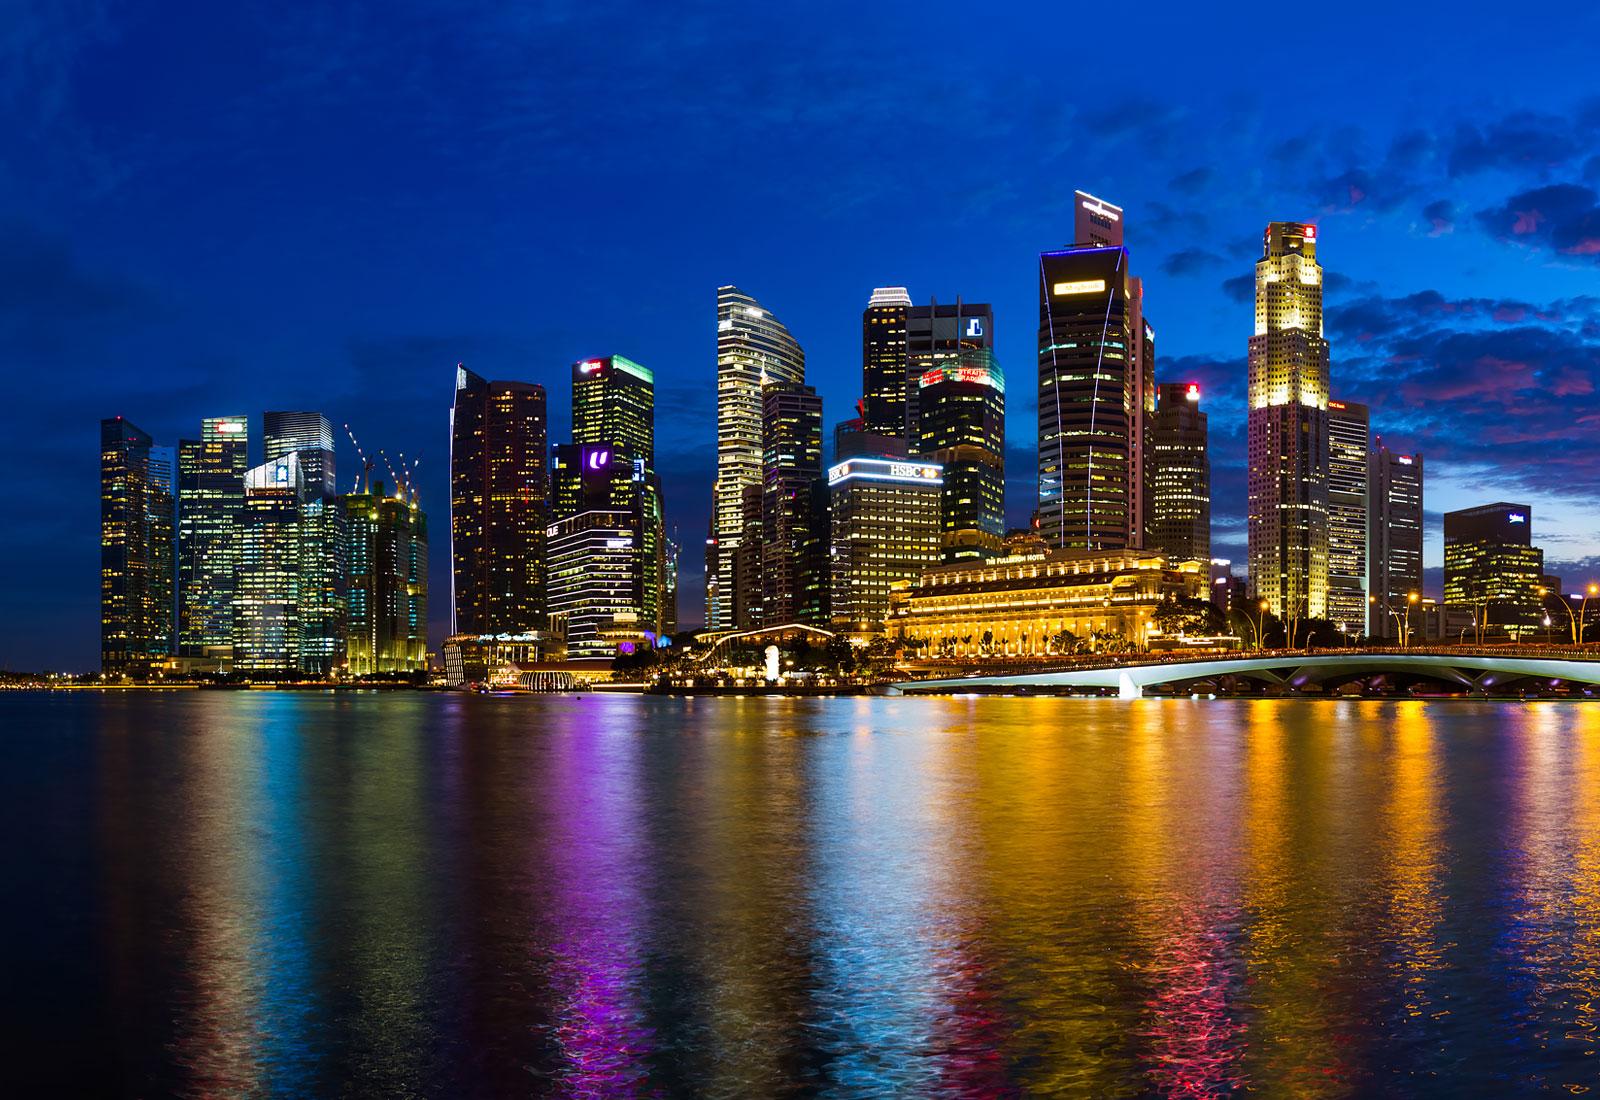 Flug Und Hotel Singapur